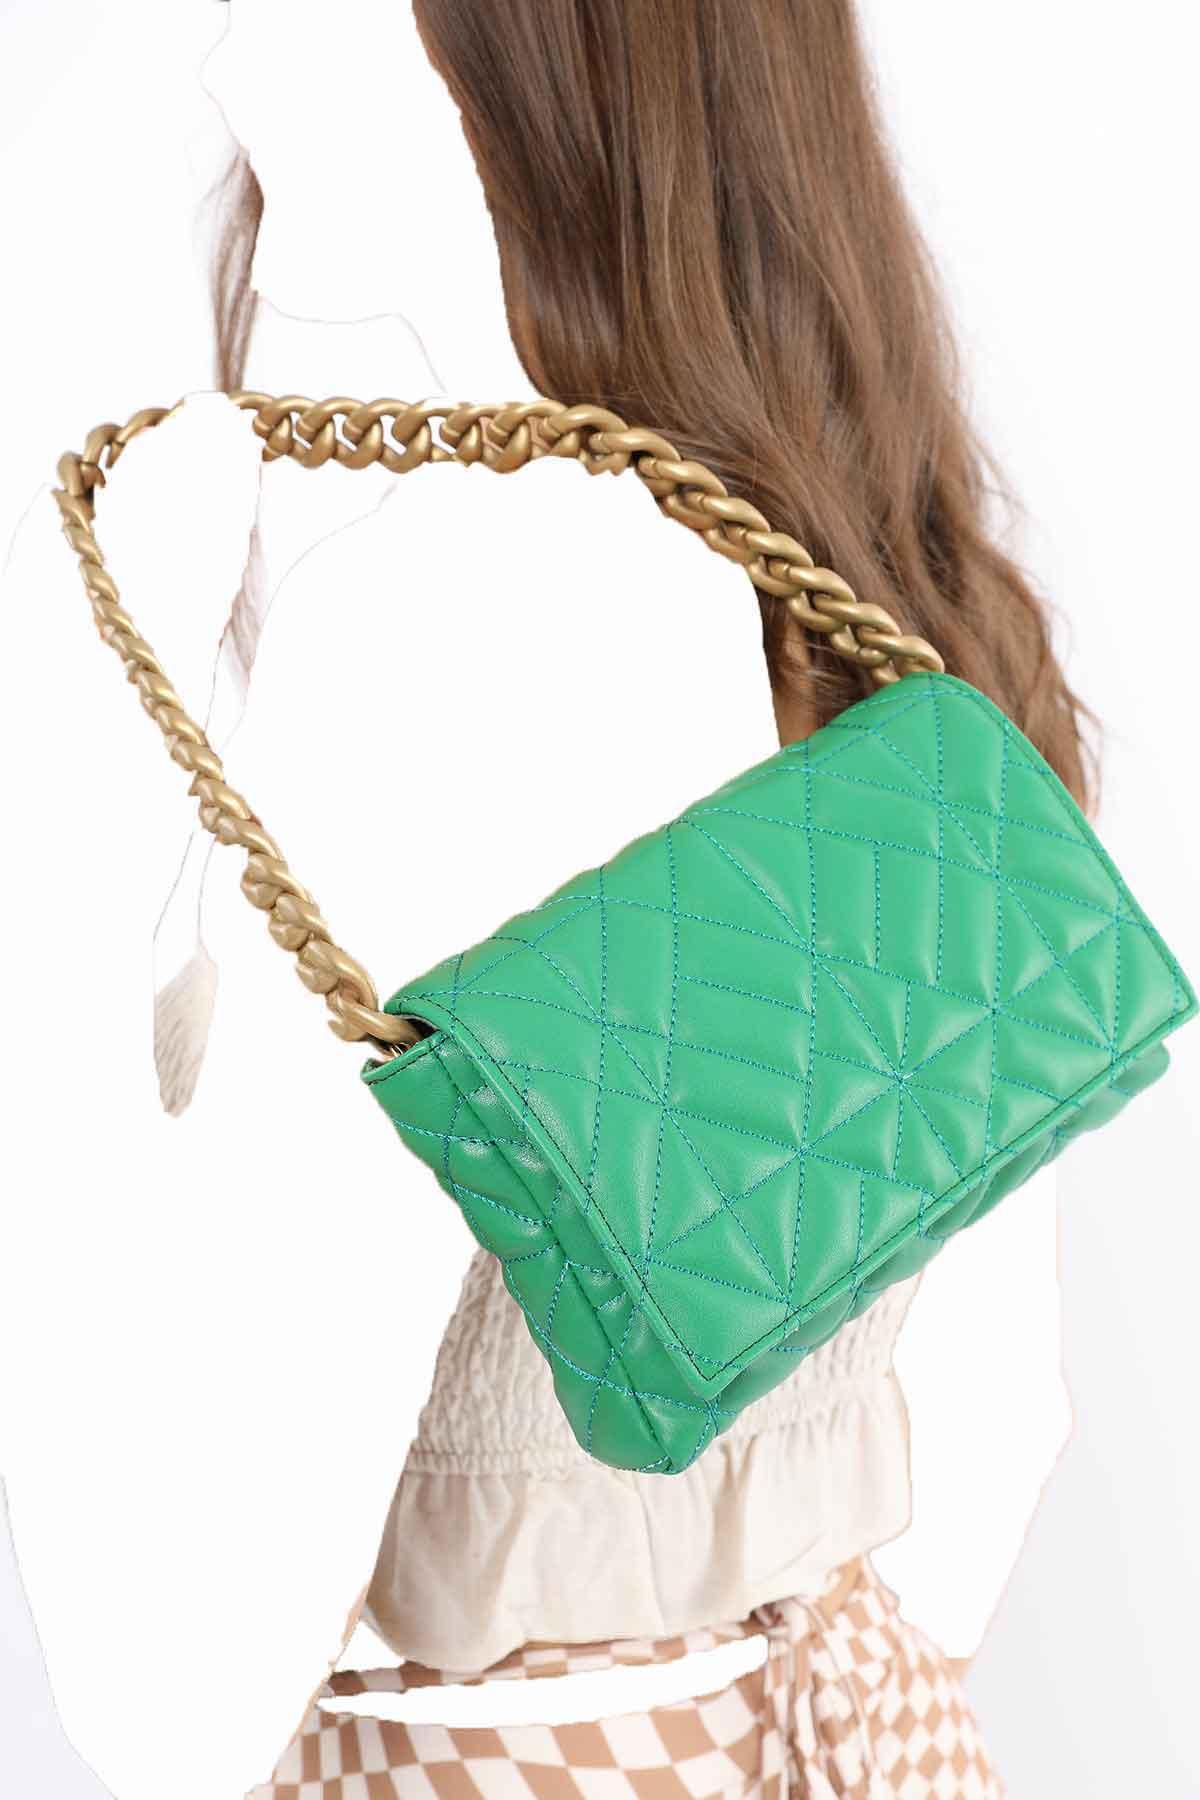 خرید انلاین کیف رودوشی زنانه ترکیه برند Madamra رنگ سبز کد ty120990842